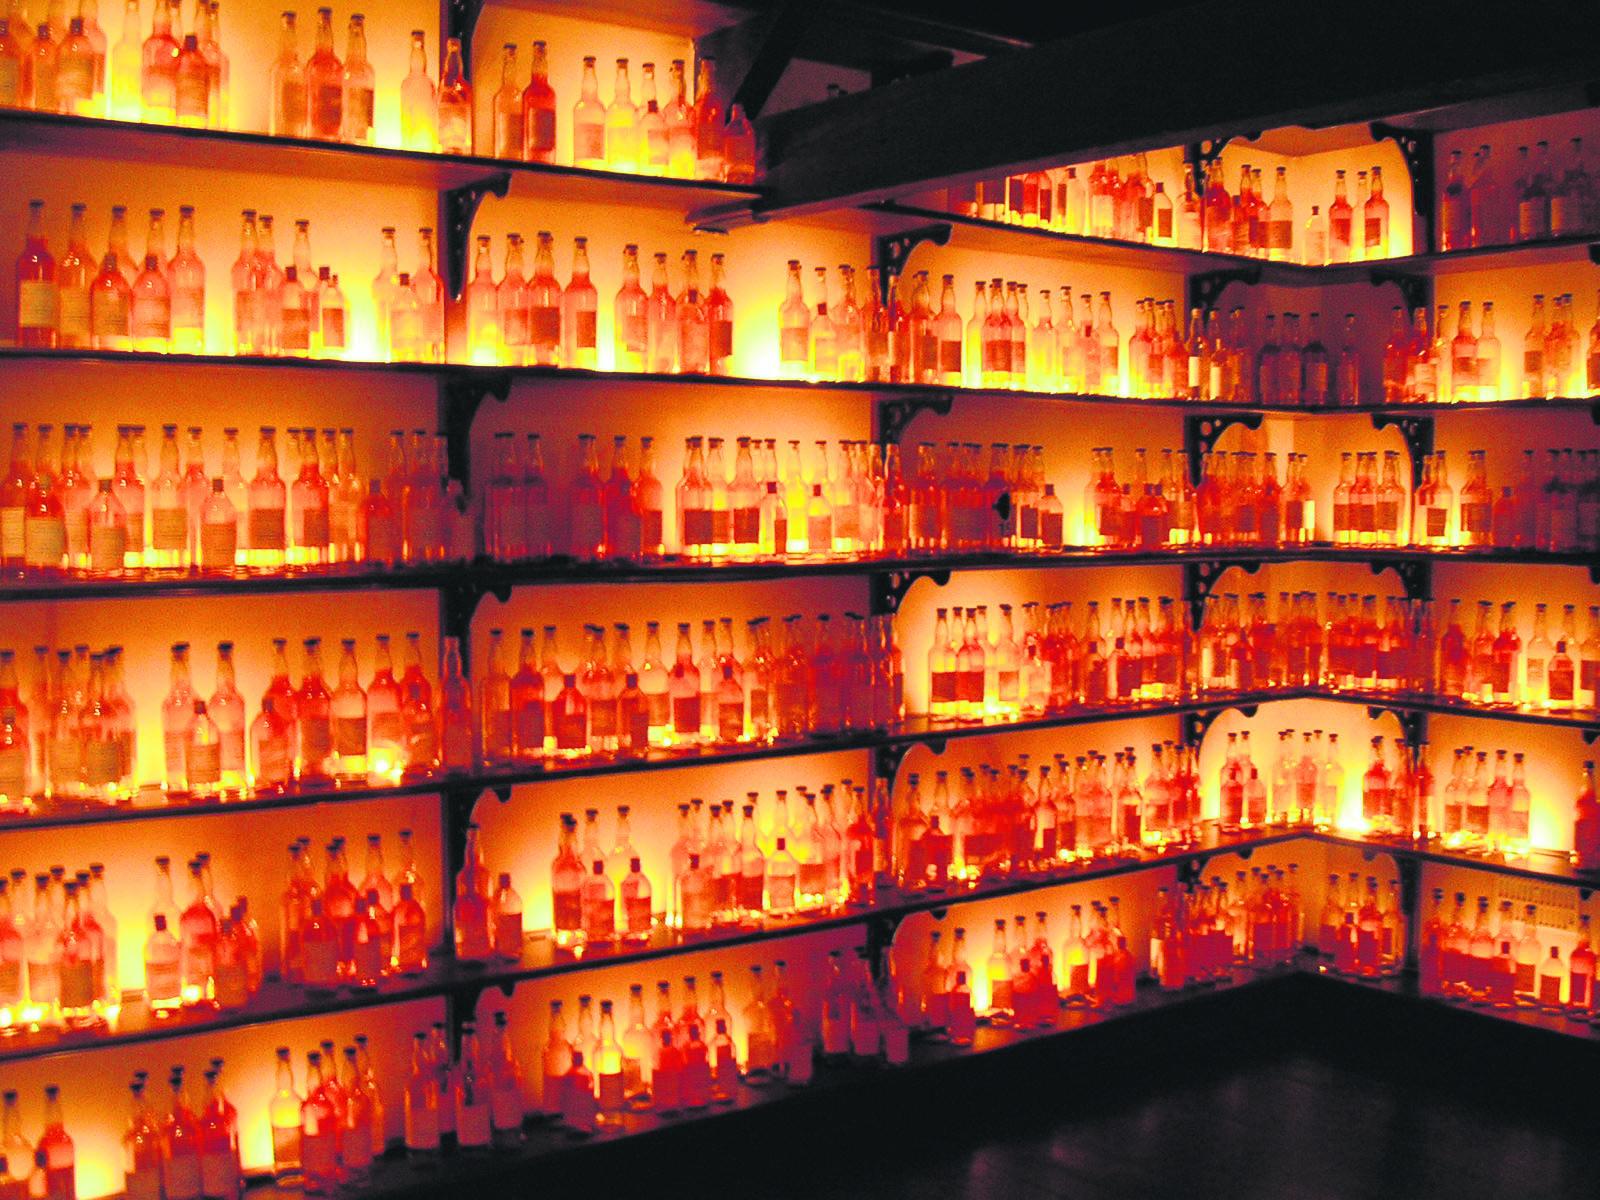 So viele Whiskys kann selbst der versierteste Whiskykenner nicht unterscheiden- aber die Zunge. Bild:  flickr.com/cowrin (https://flic.kr/p/4K9TaL) CC BY-NC 2.0 (https://creativecommons.org/licenses/by-nc/2.0/)